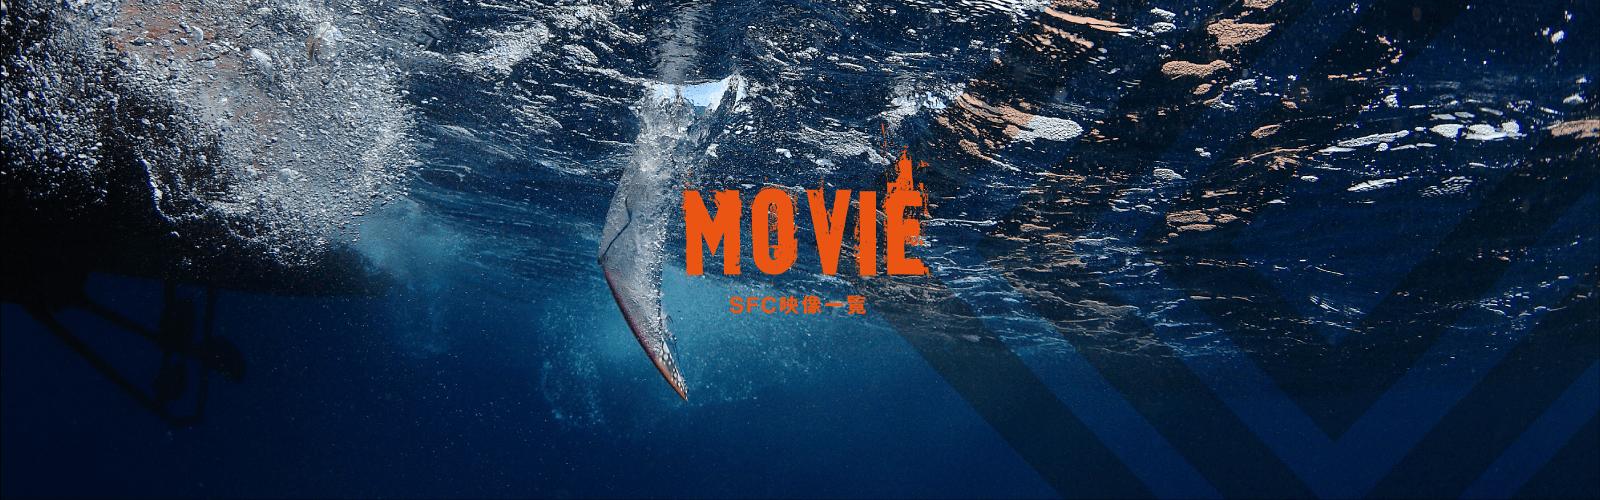 movie_banner